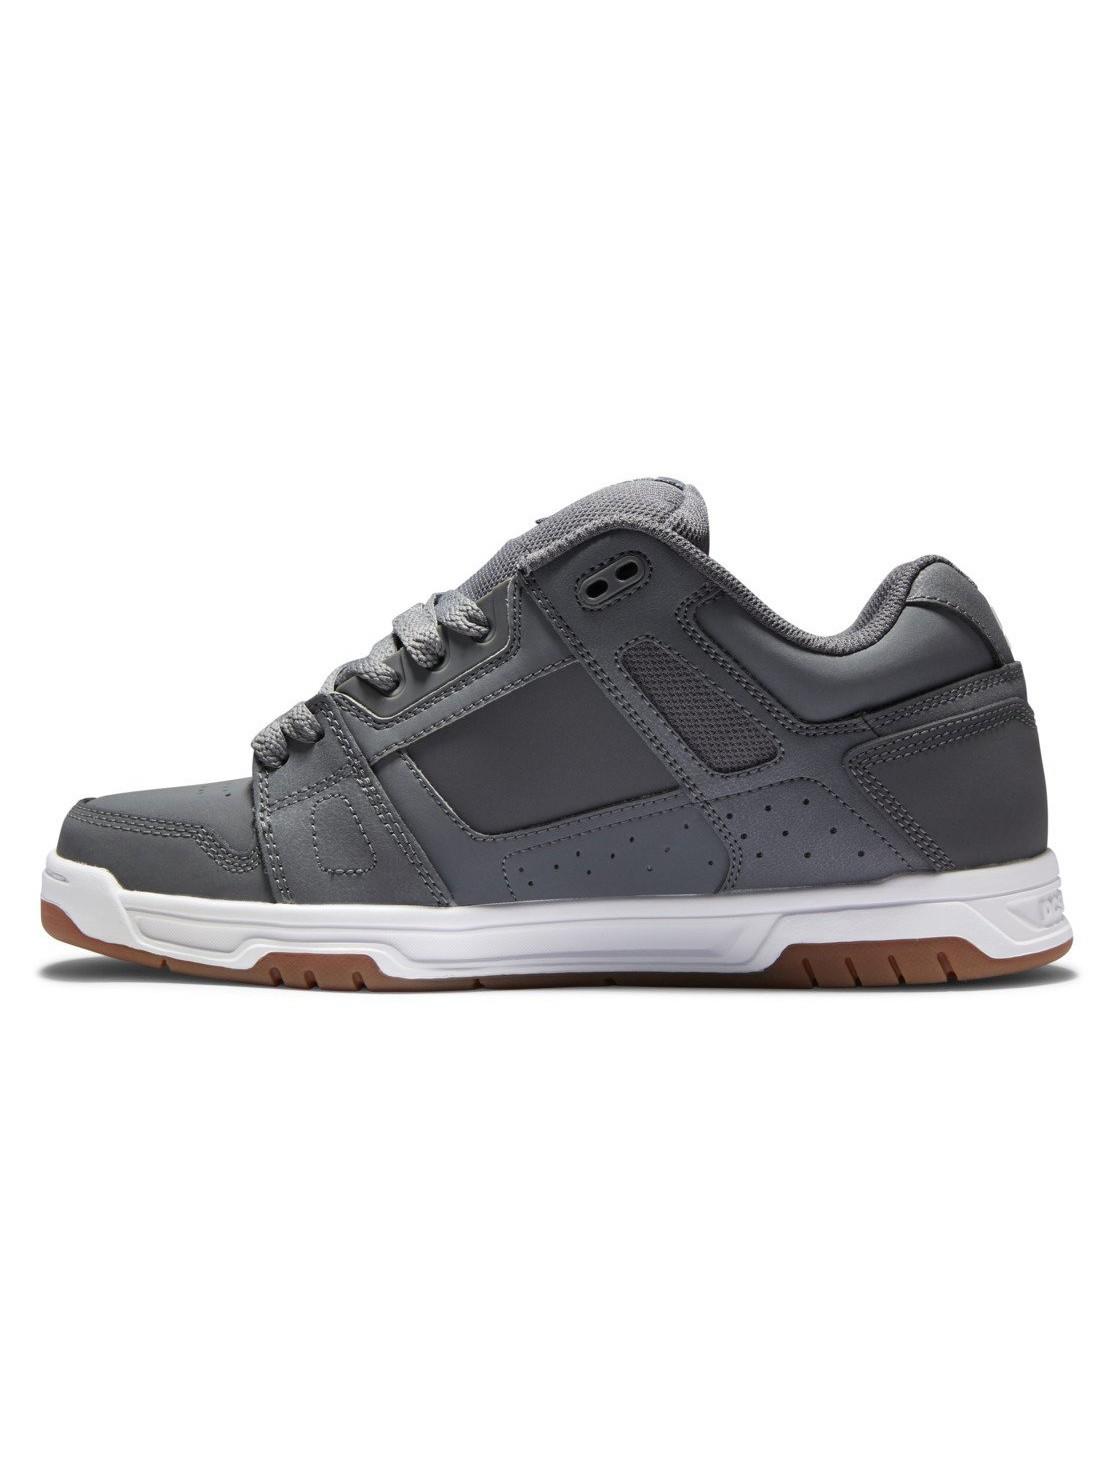 DC Shoes Stag, Cuir gris et noir